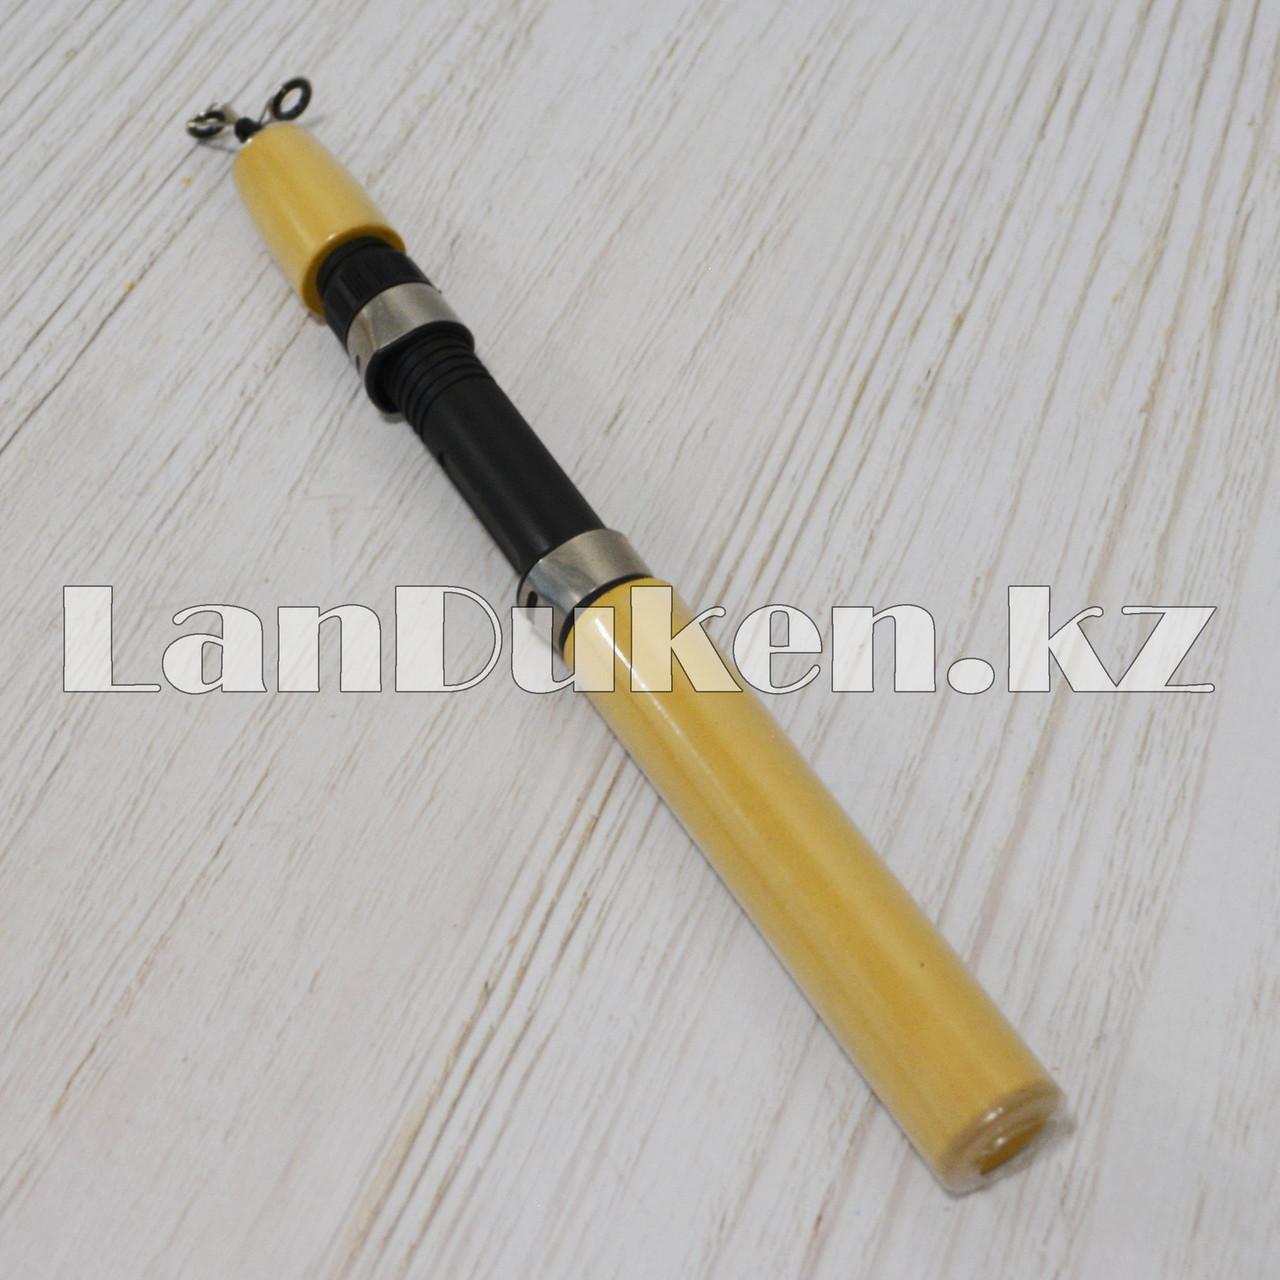 Удочка для зимней рыбалки с выдвижным телескопическим хлыстиком Xing Sheng 55 см. - фото 3